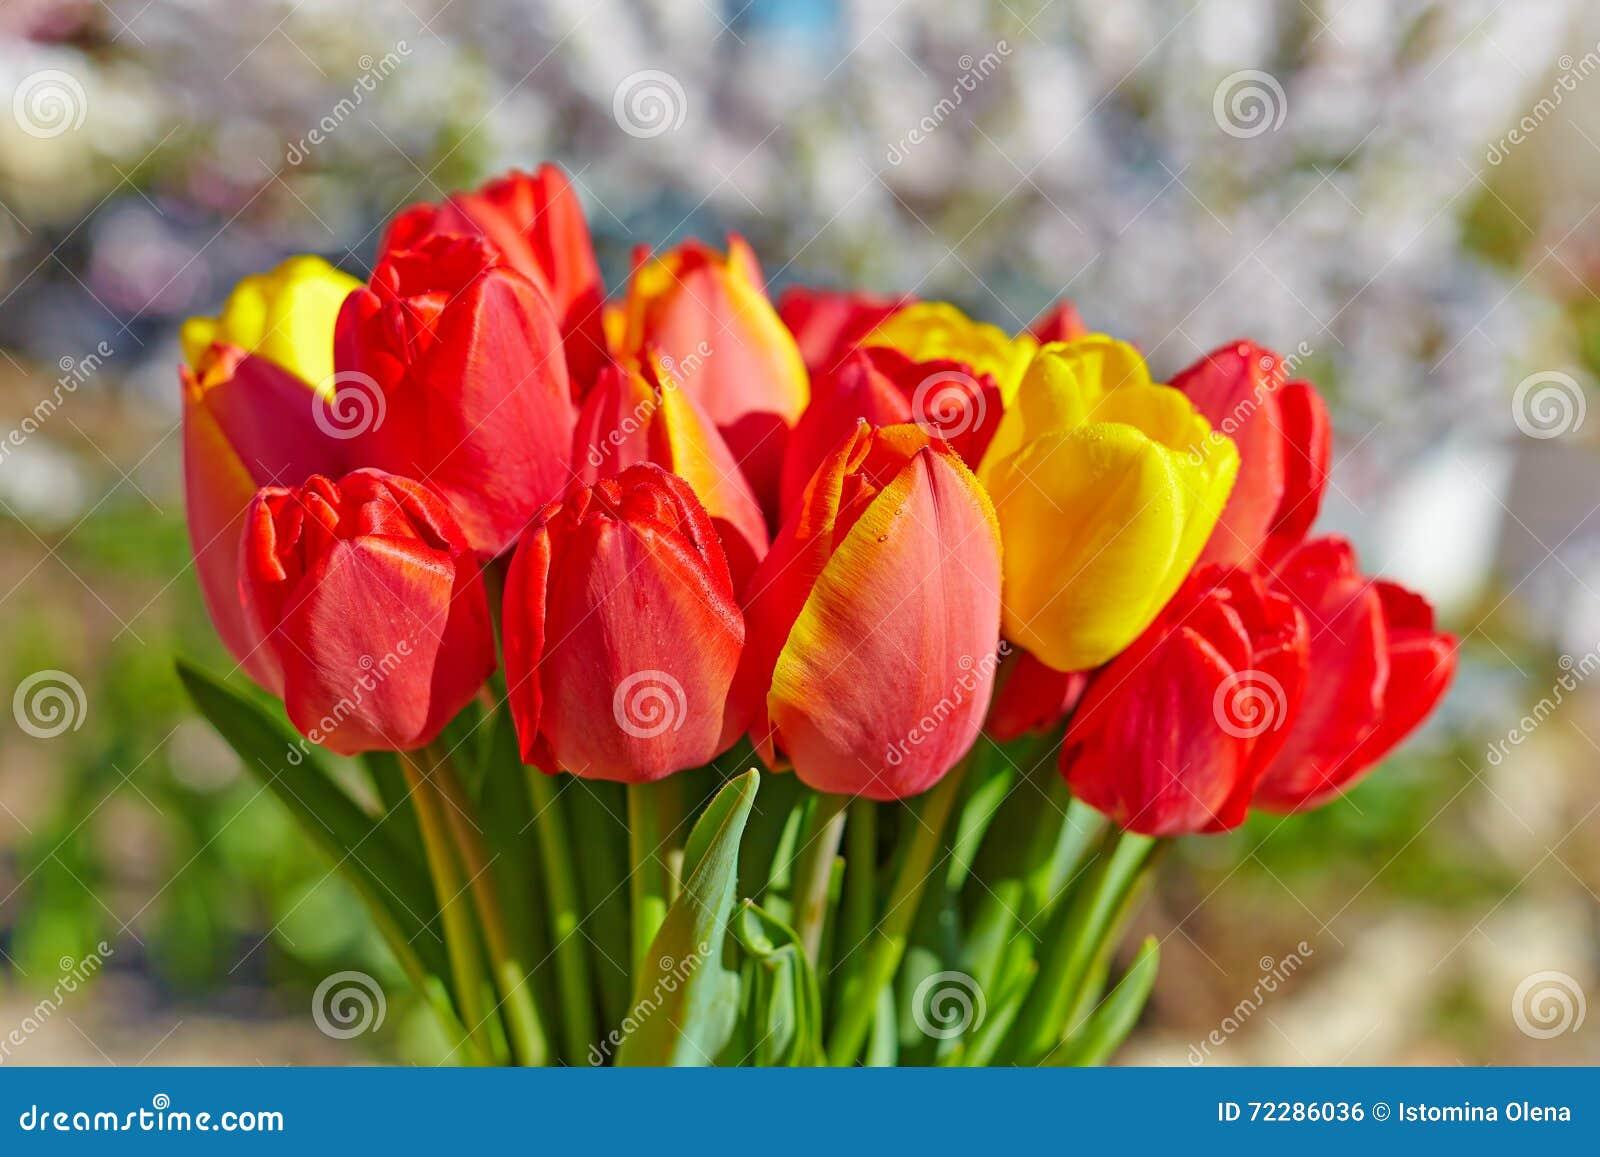 Download Букет красных тюльпанов стоковое фото. изображение насчитывающей ботаническую - 72286036